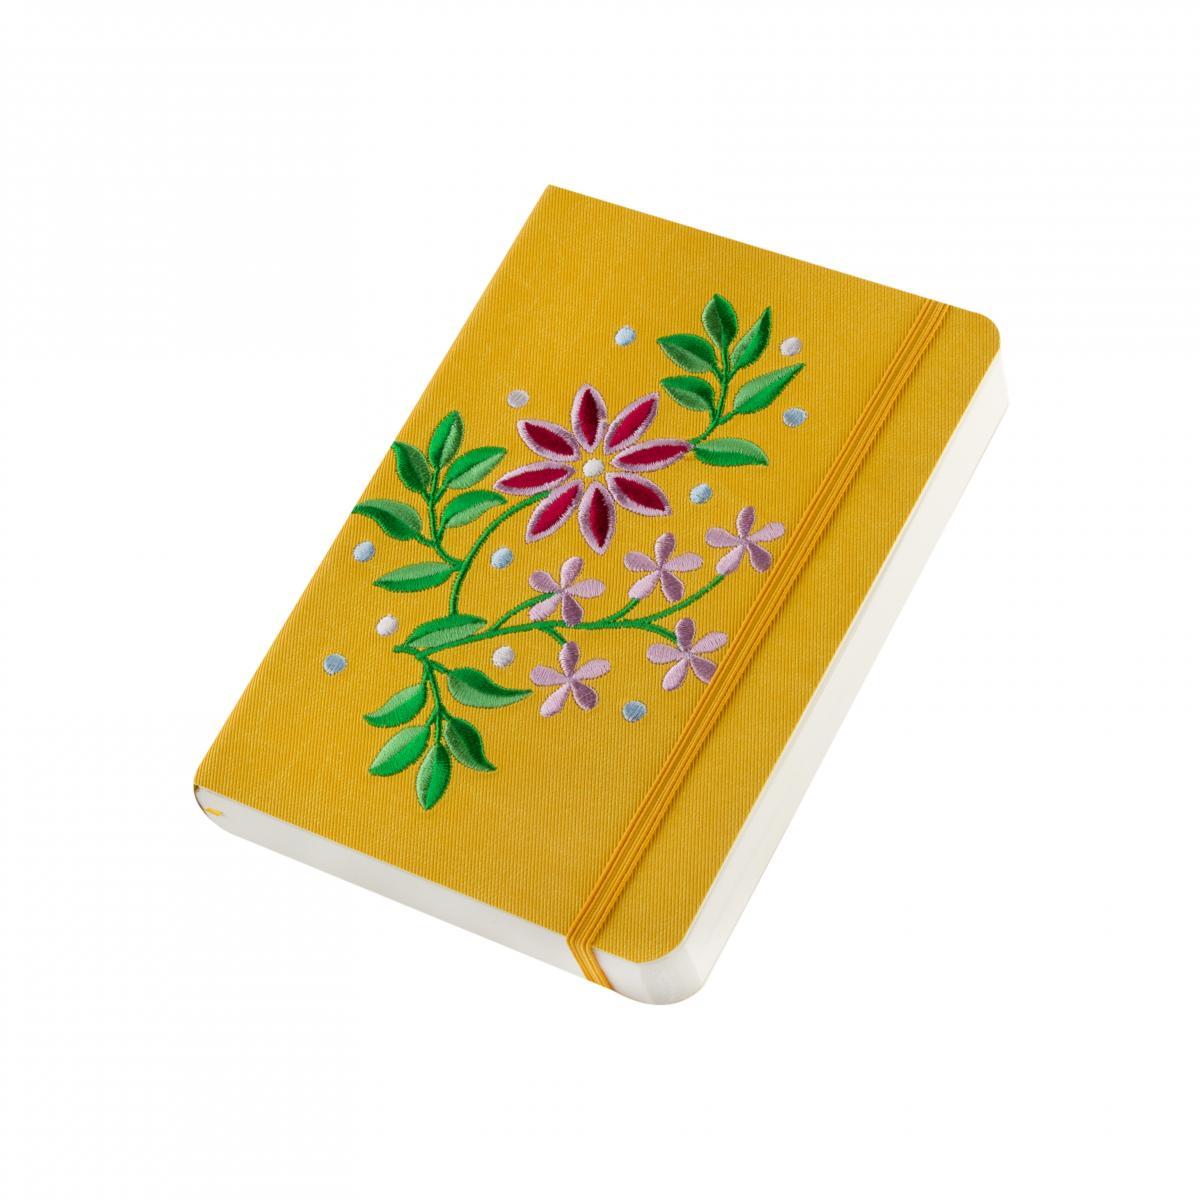 Блокнот с эко-кожи с вышивкой Тернопольщина, желтый. Фото №2. | Народный дом Украина